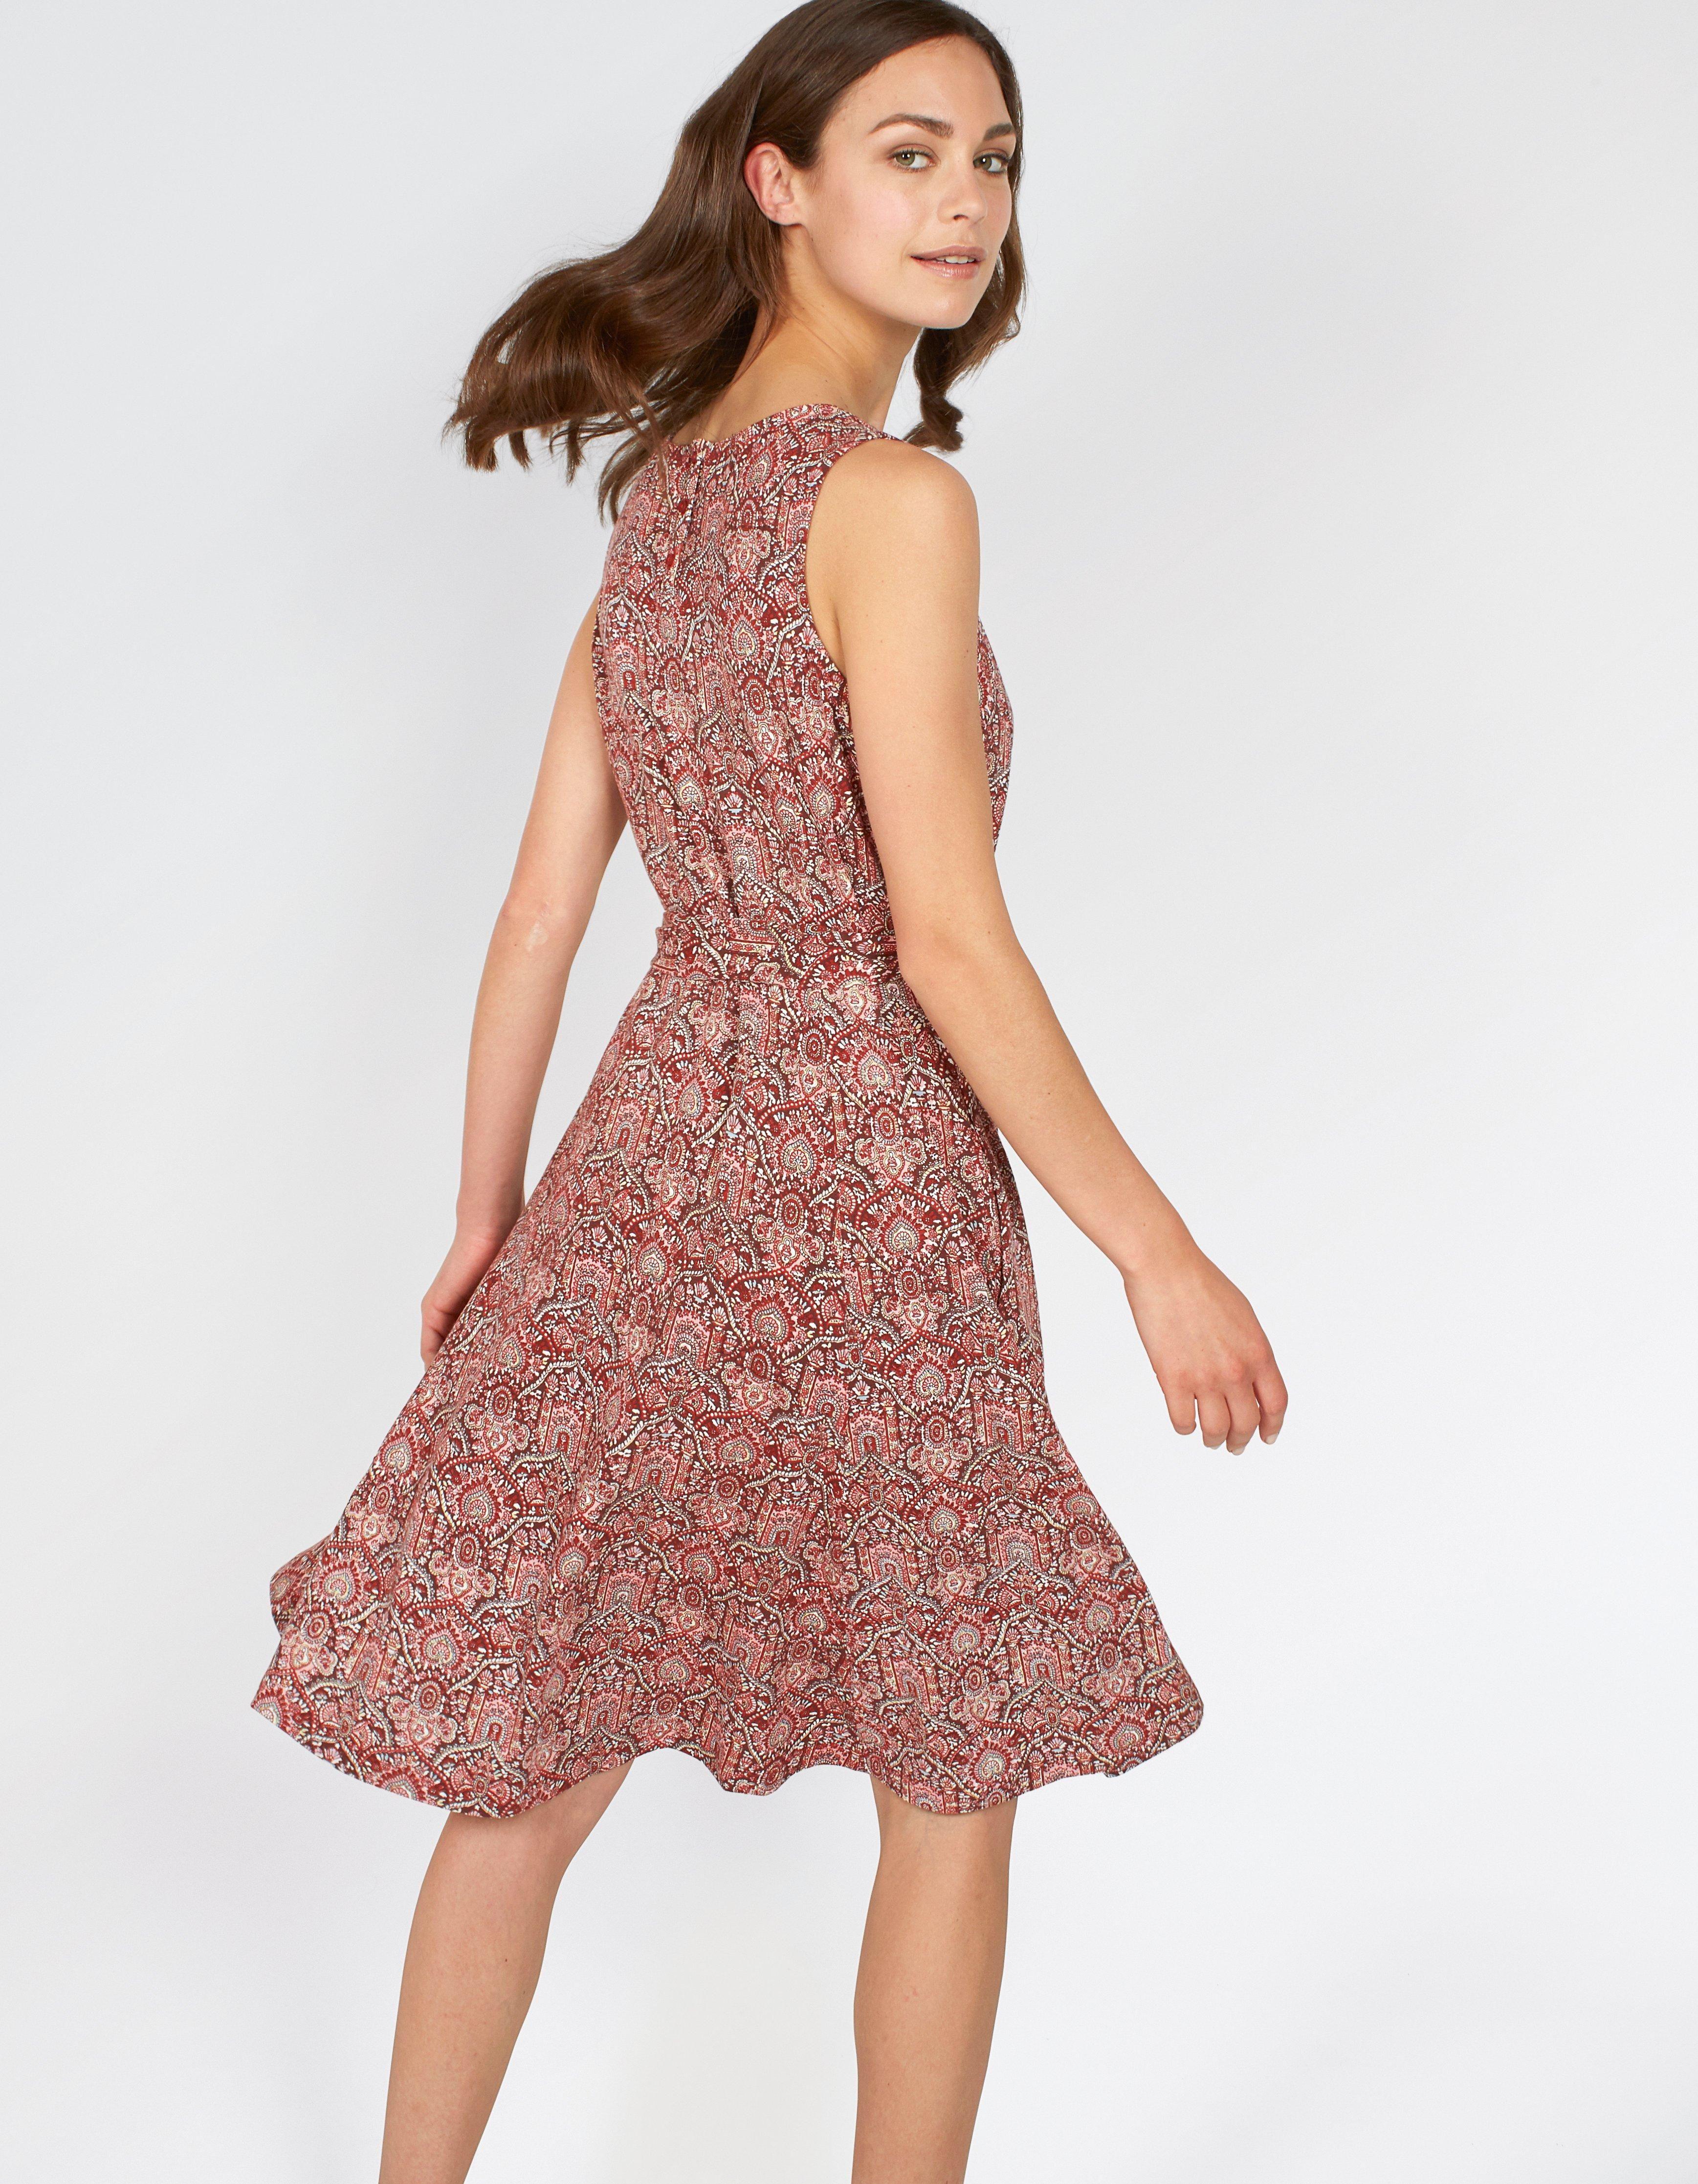 a5309309cd1 Rosa Indian Summer Dress